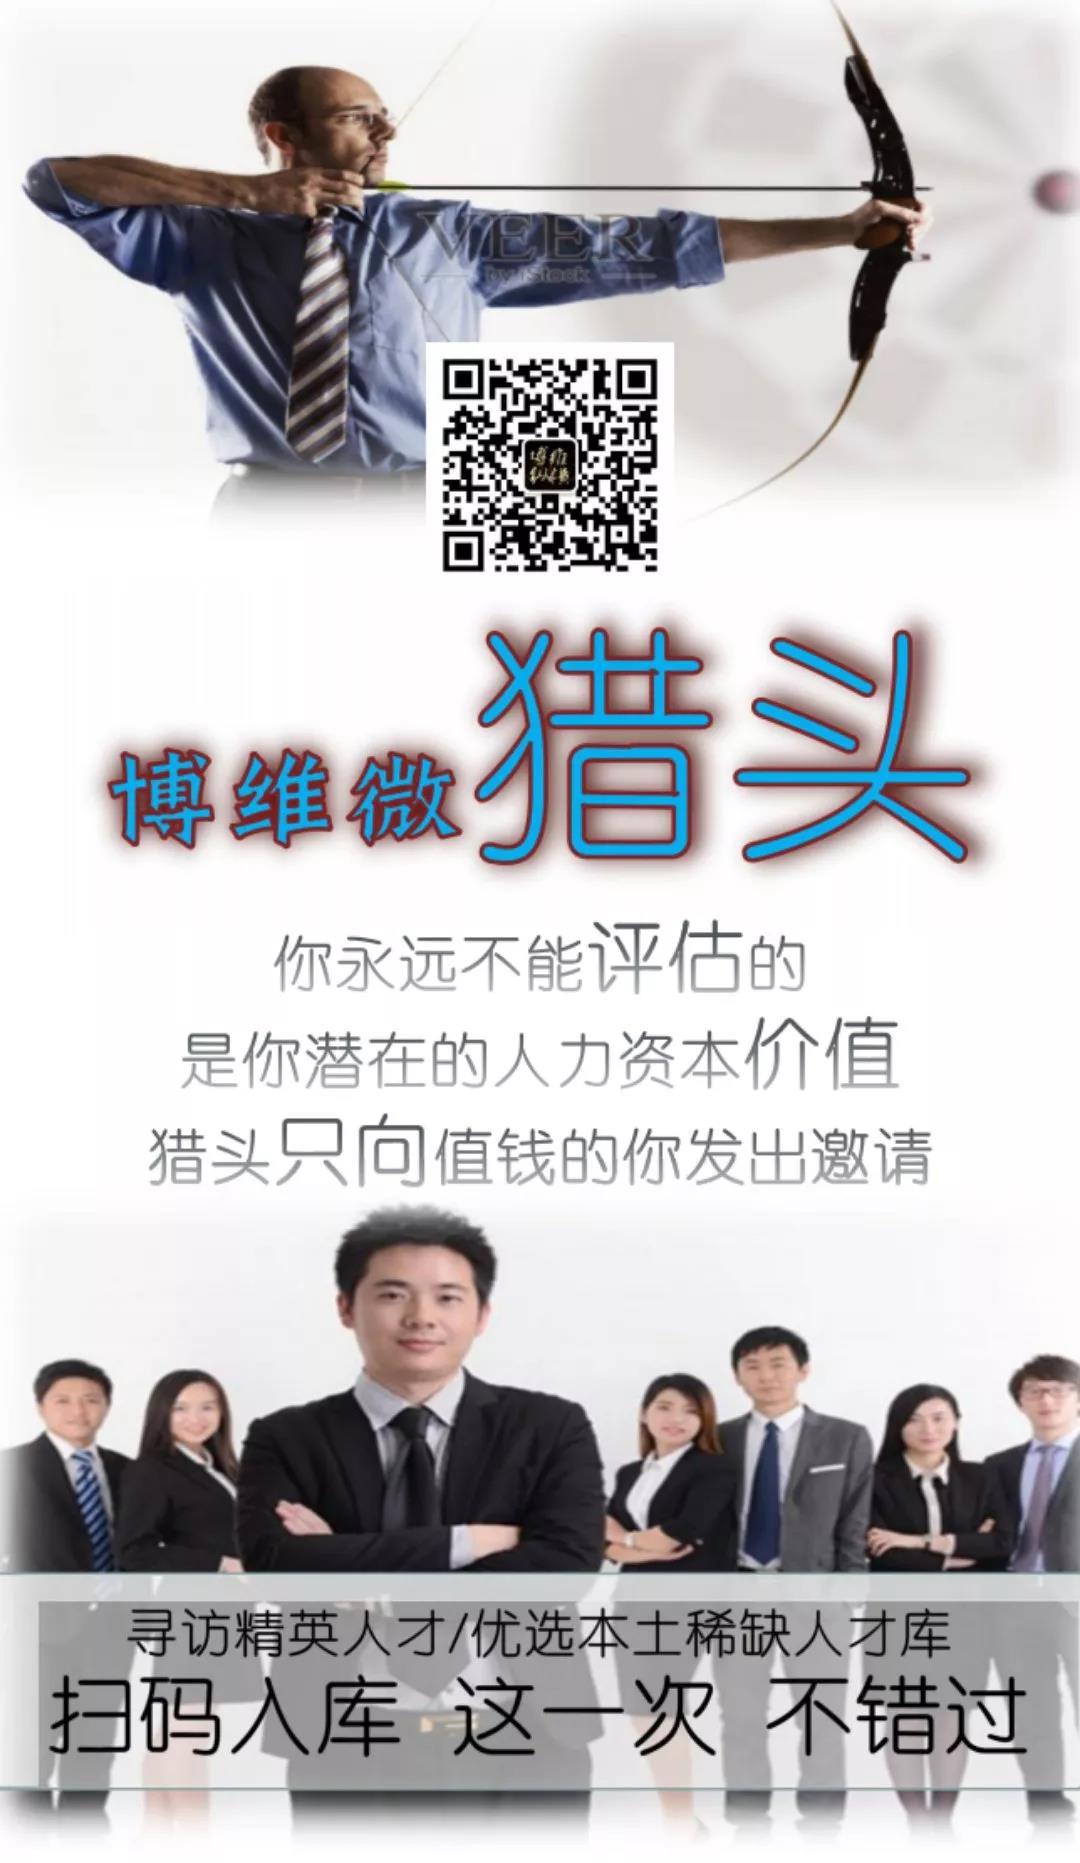 青海某集团2019年度招聘启事_青海博维管理